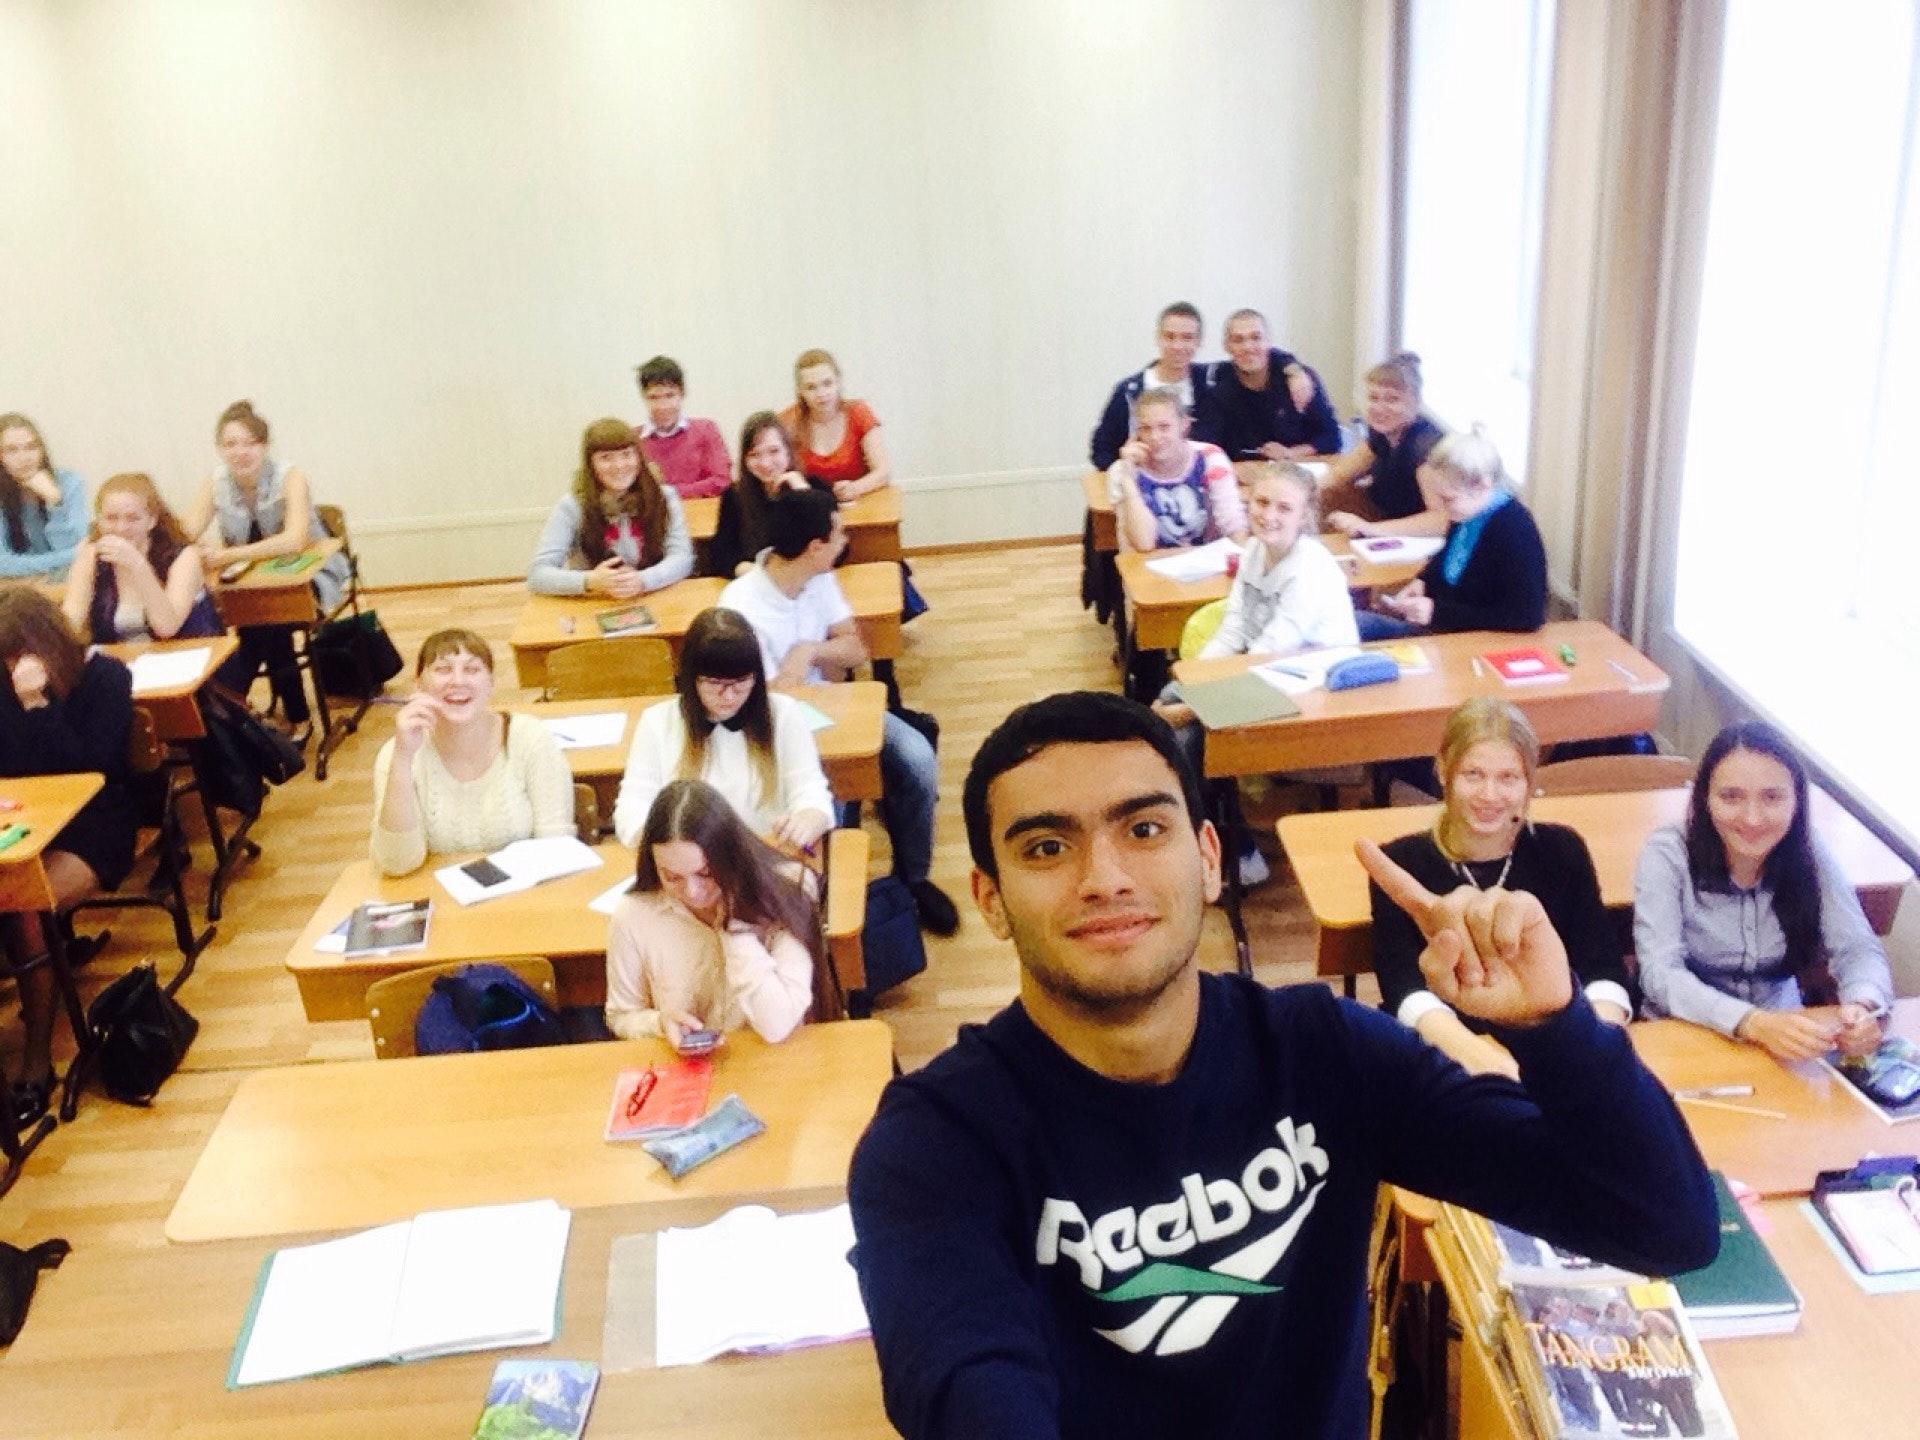 монтажный колледж красноярск официальный сайт #2